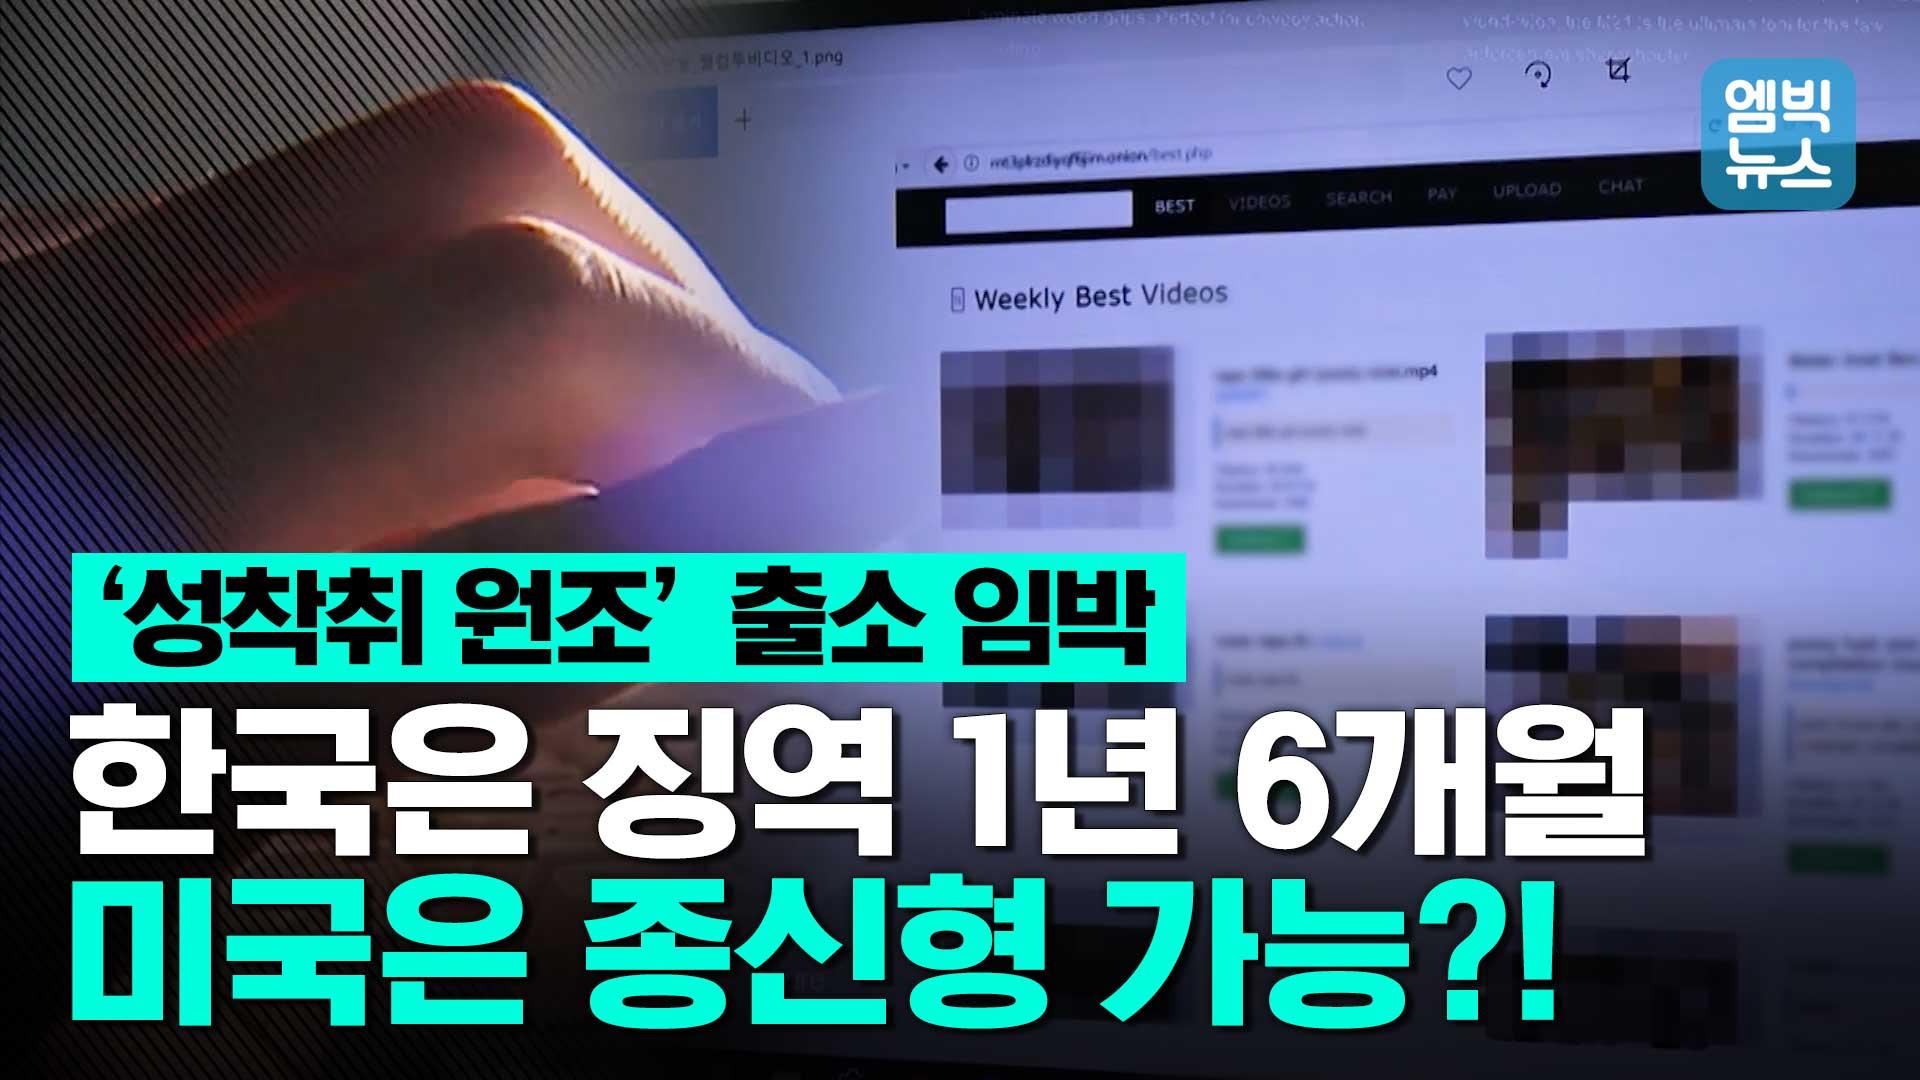 """[엠빅뉴스] 세계 최대 아동 음란물 사건 '웰컴투비디오' 주범 곧 출소 """"미국 보내 엄벌"""